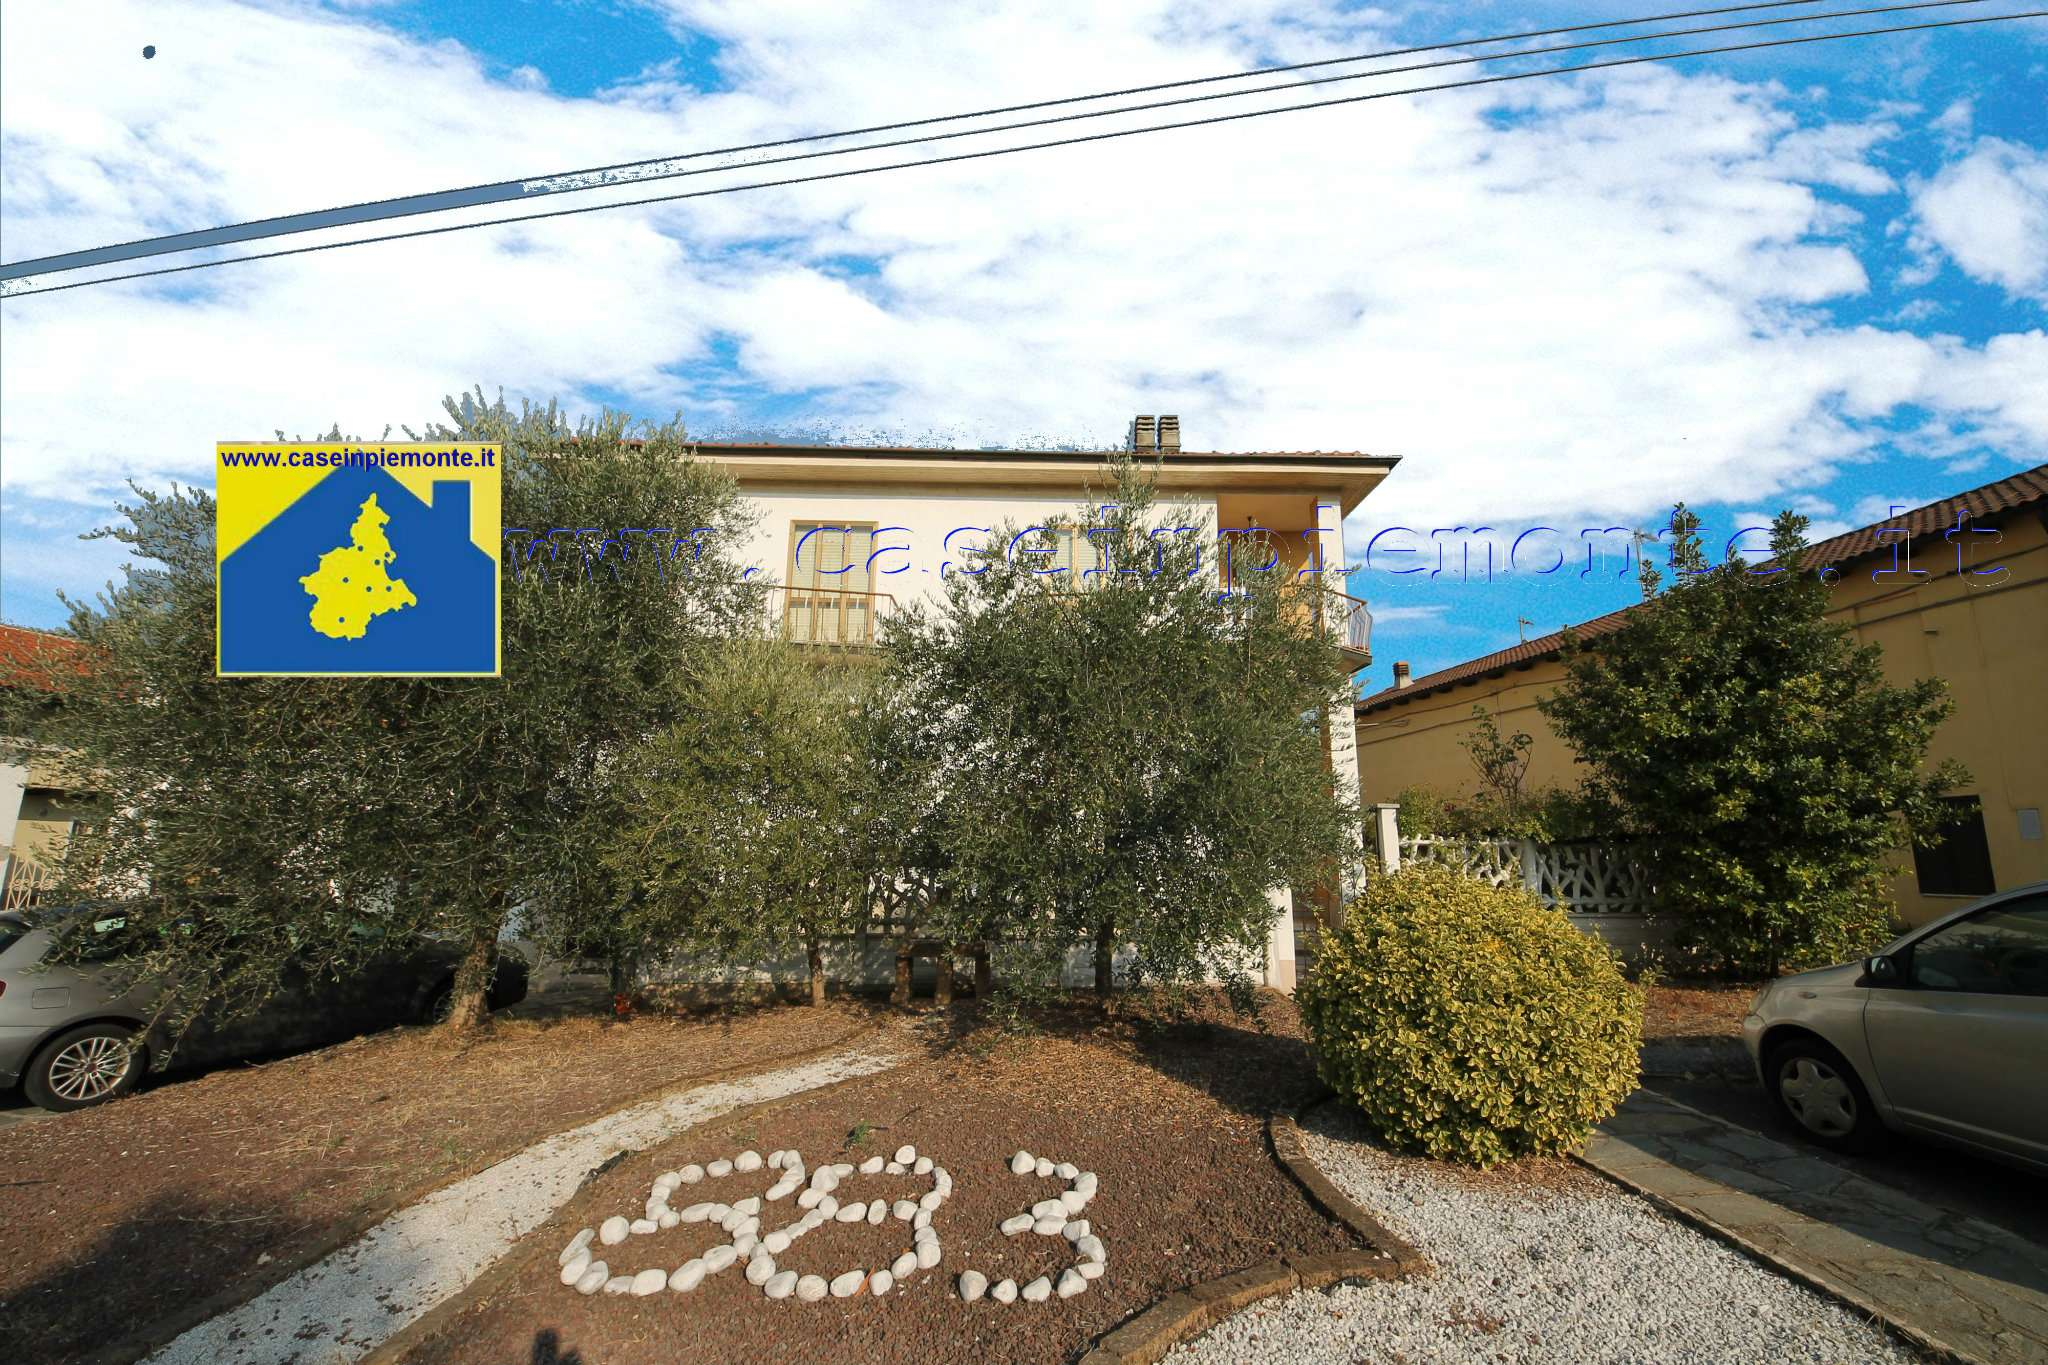 Soluzione Semindipendente in vendita a Val della Torre, 7 locali, prezzo € 150.000   CambioCasa.it